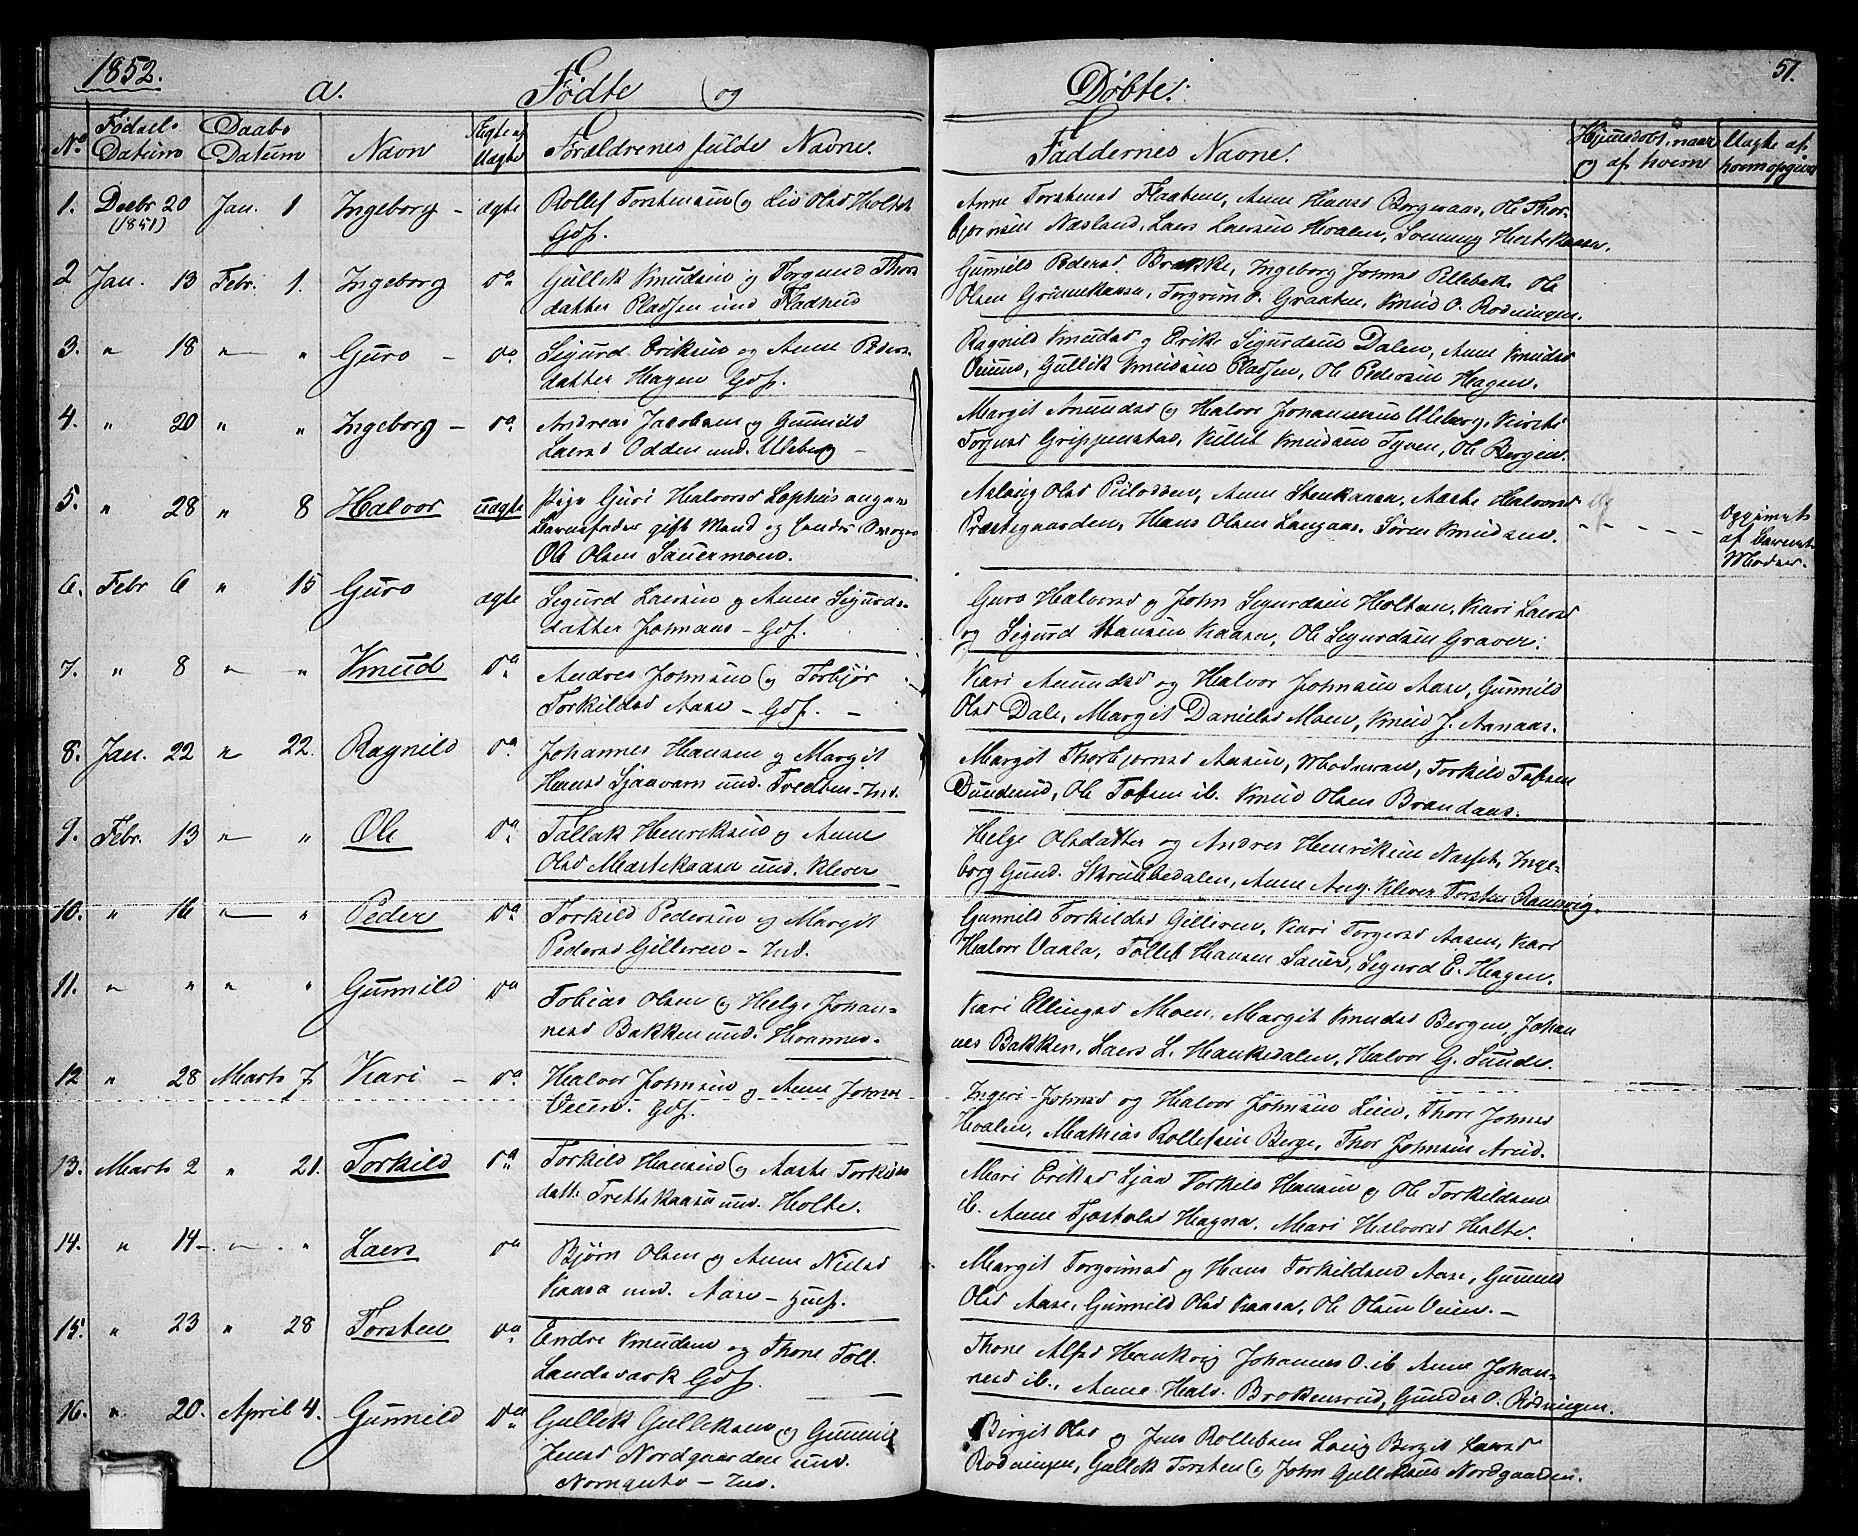 SAKO, Sauherad kirkebøker, G/Ga/L0002: Klokkerbok nr. I 2, 1842-1866, s. 51